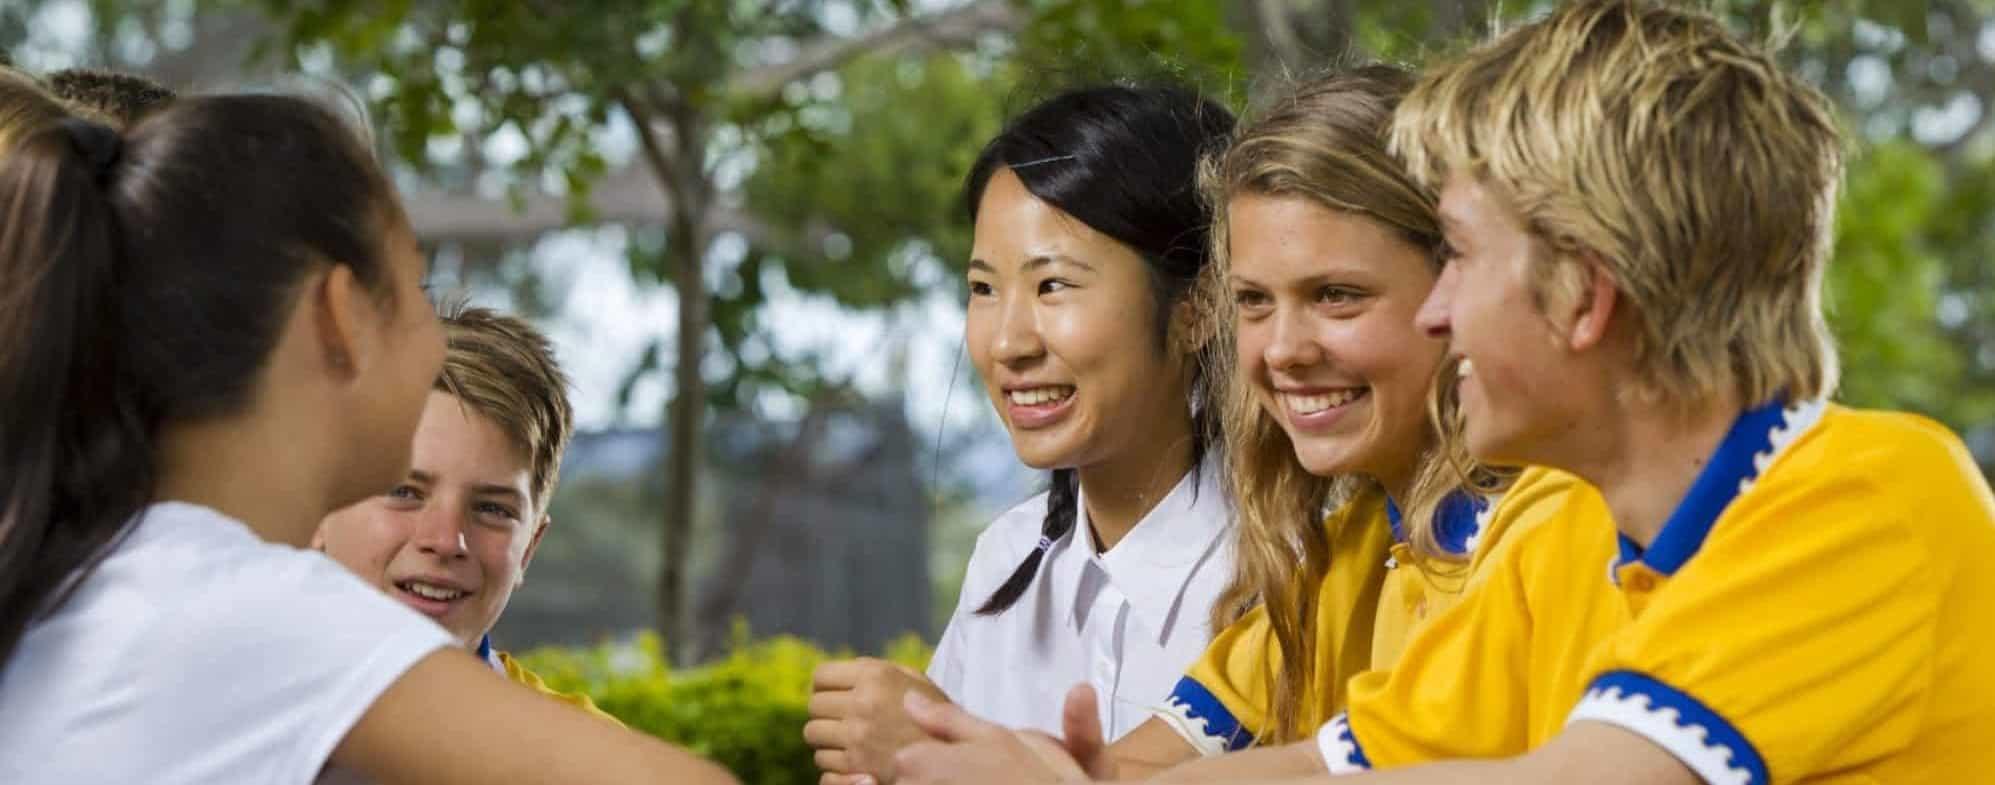 High Schools Queensland Australien | High School Queensland Australien